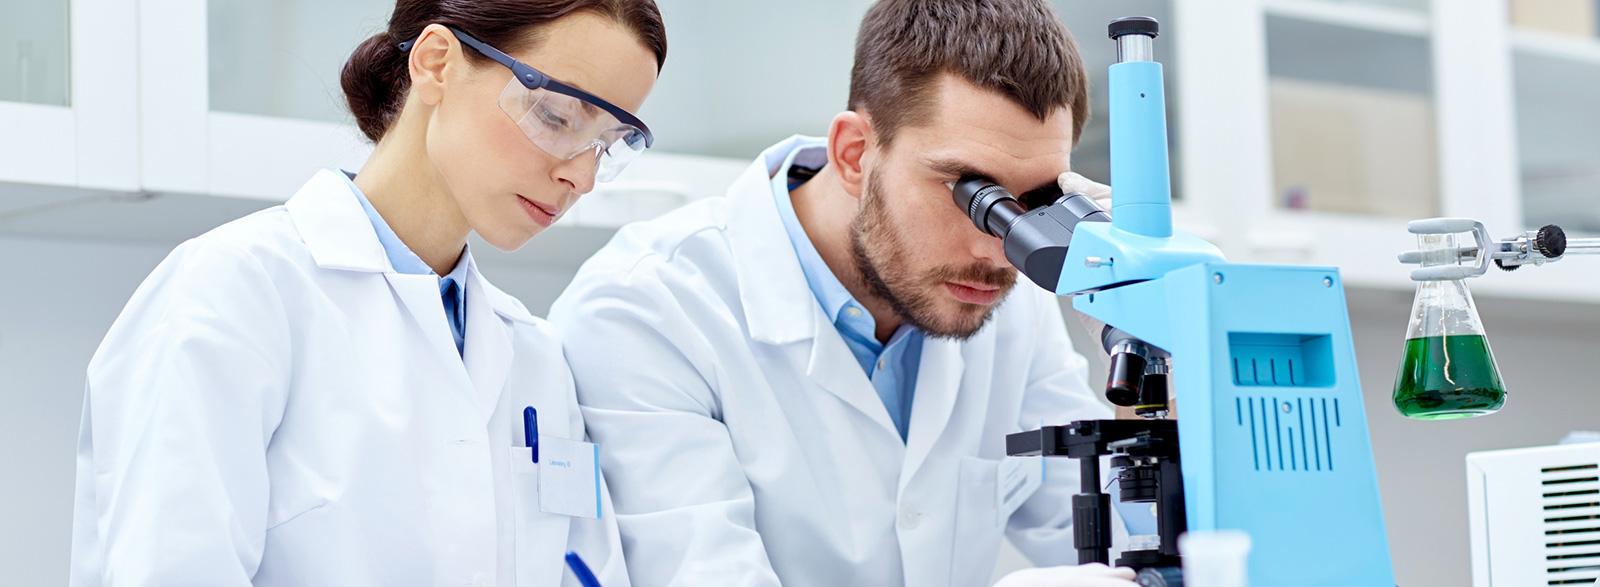 Karriere bei QSI - Labor für Lebensmittel- und Pharmaanalytik. Werden Sie Teil der Tentamus-Familie